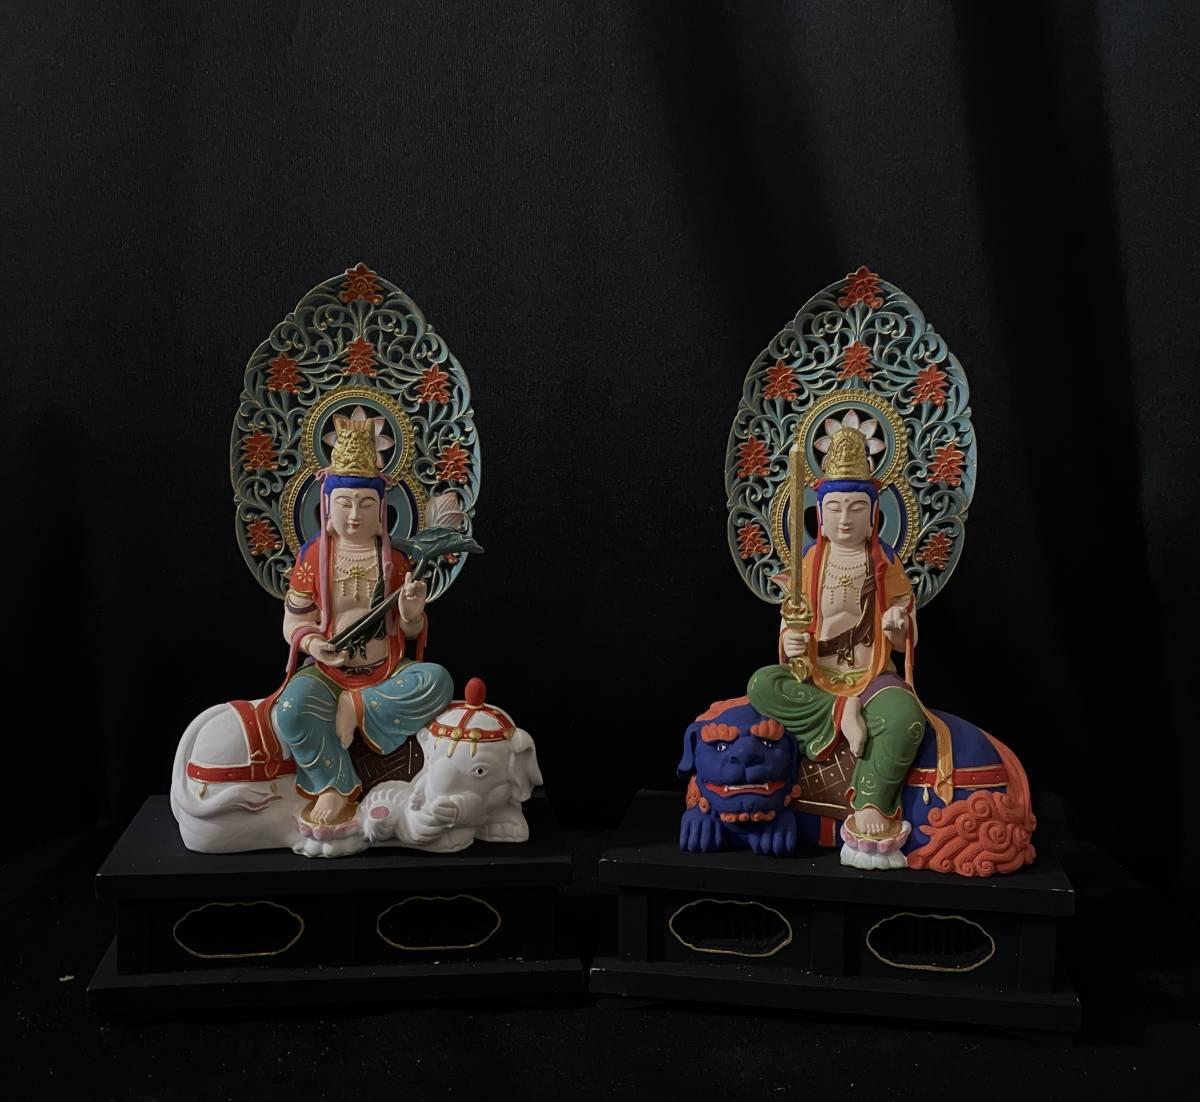 新作 総柘植材 仏教工芸品 彩繪 本金 切金 木彫仏教 精密彫刻 極上品 仏師で仕上げ品 文殊菩薩、普賢菩薩座像